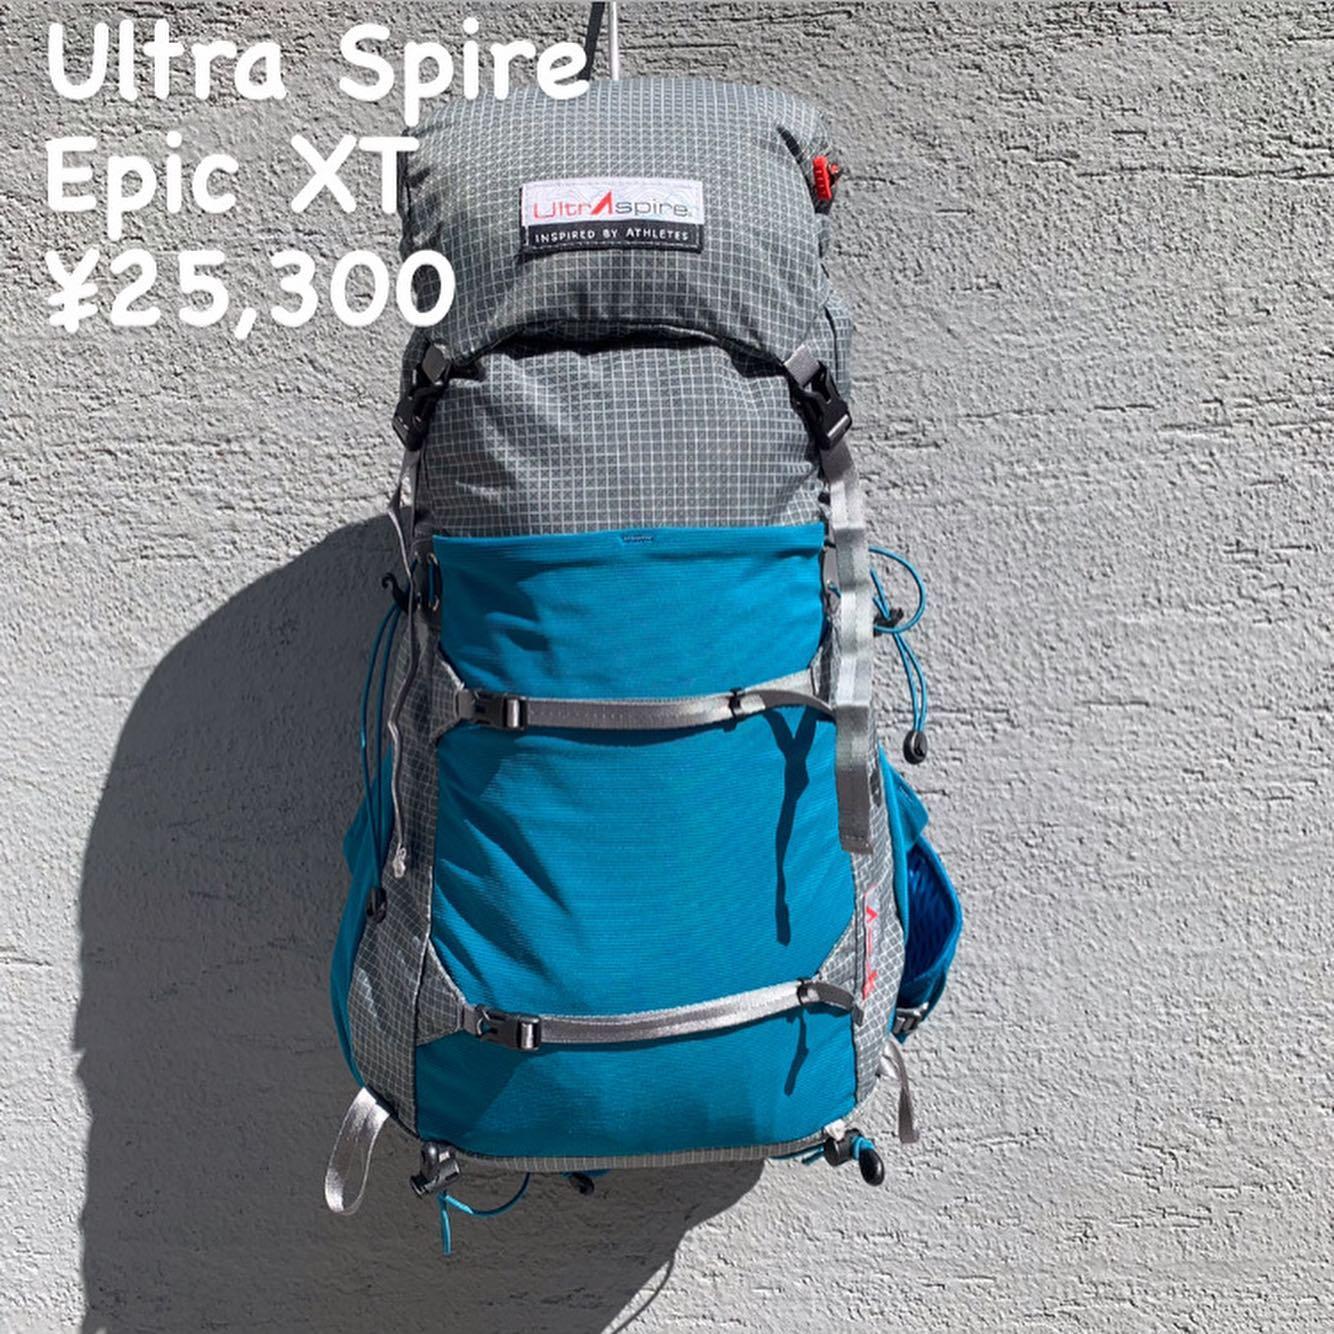 「Ultra Spire ( ウルトラスパイア )エピック XT」のご紹介